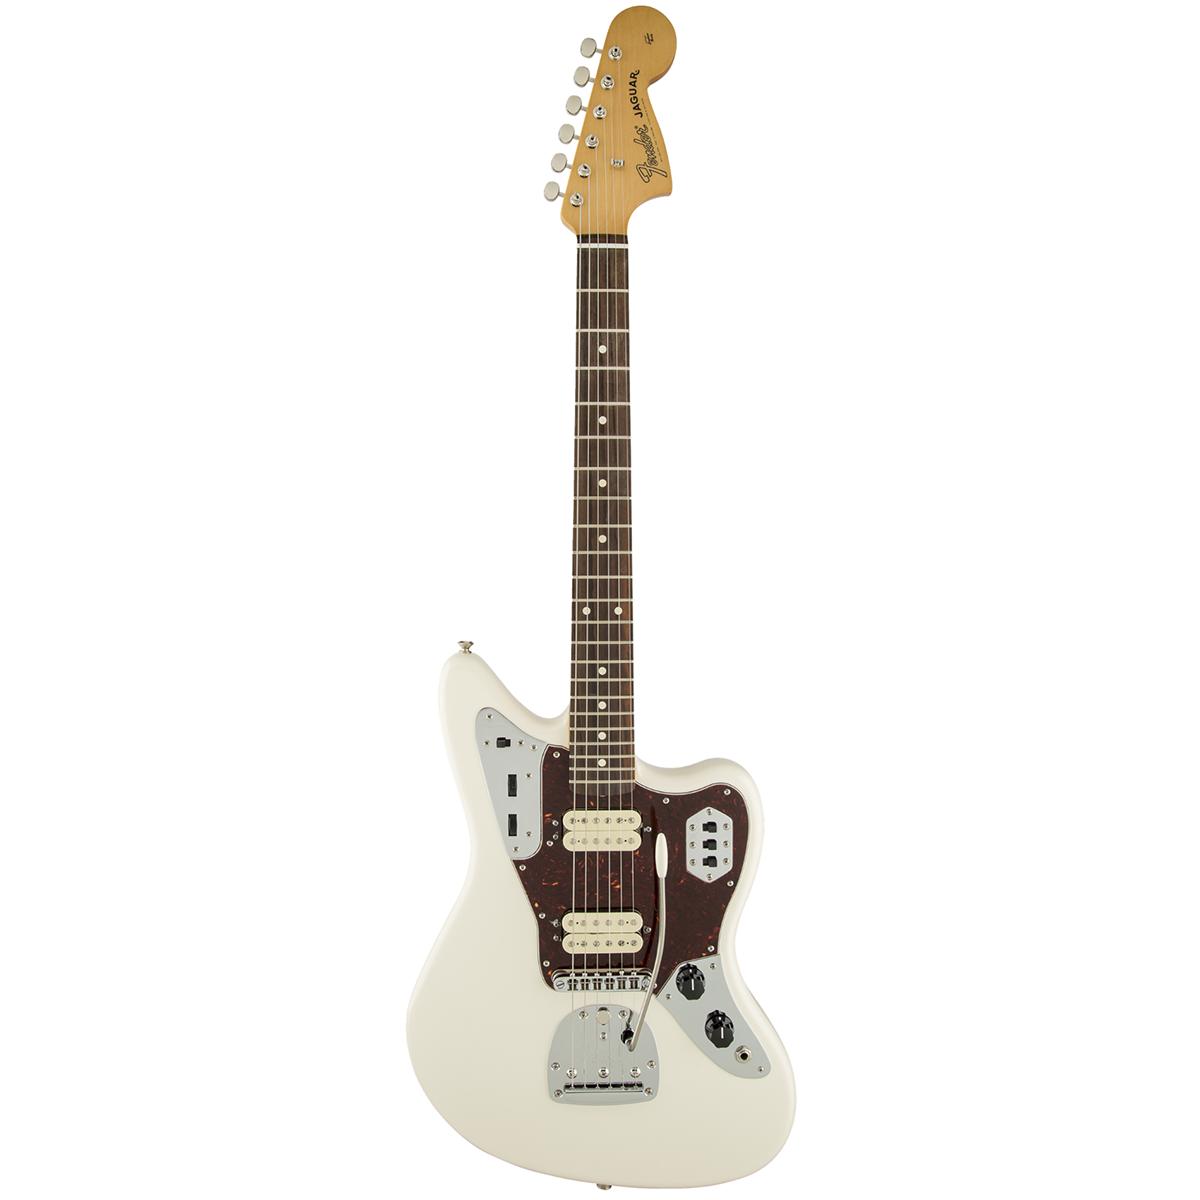 Billede af Fender ClassicPlayerJaguarSpecialHH,RW,OW el-guitar olympicwhite